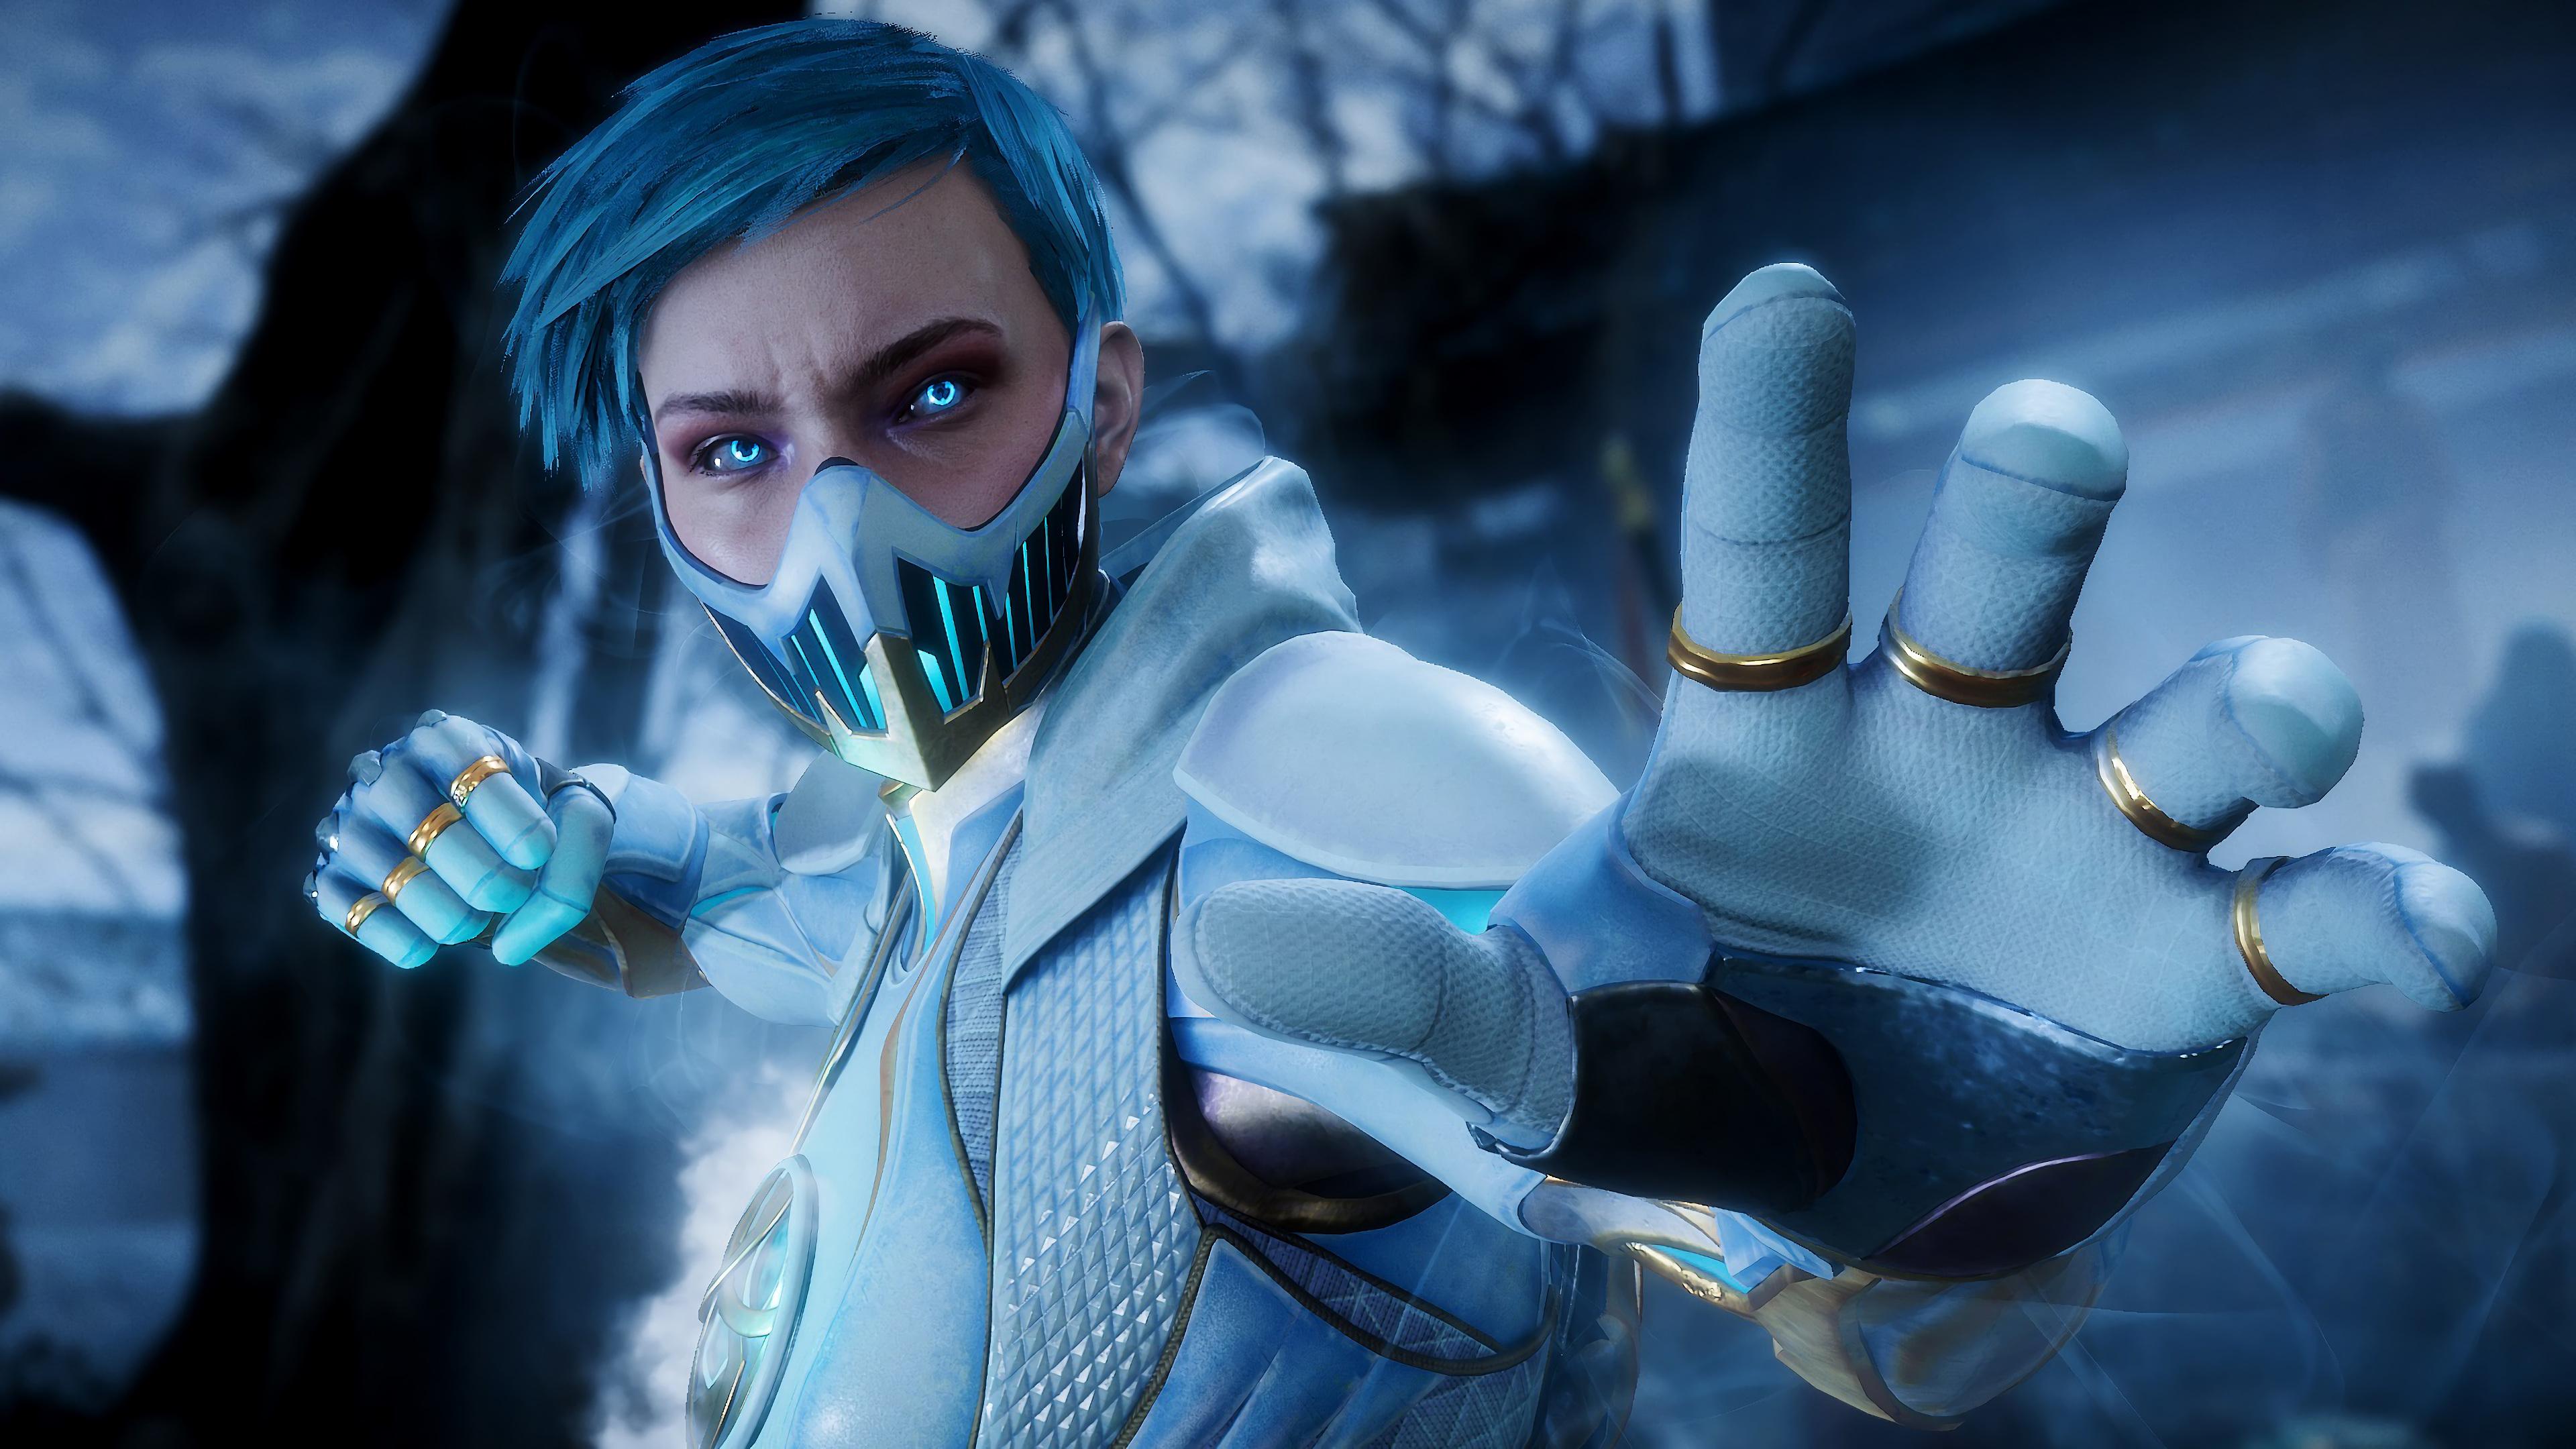 Frost Mortal Kombat 11 4K Ultra HD Mobile Wallpaper